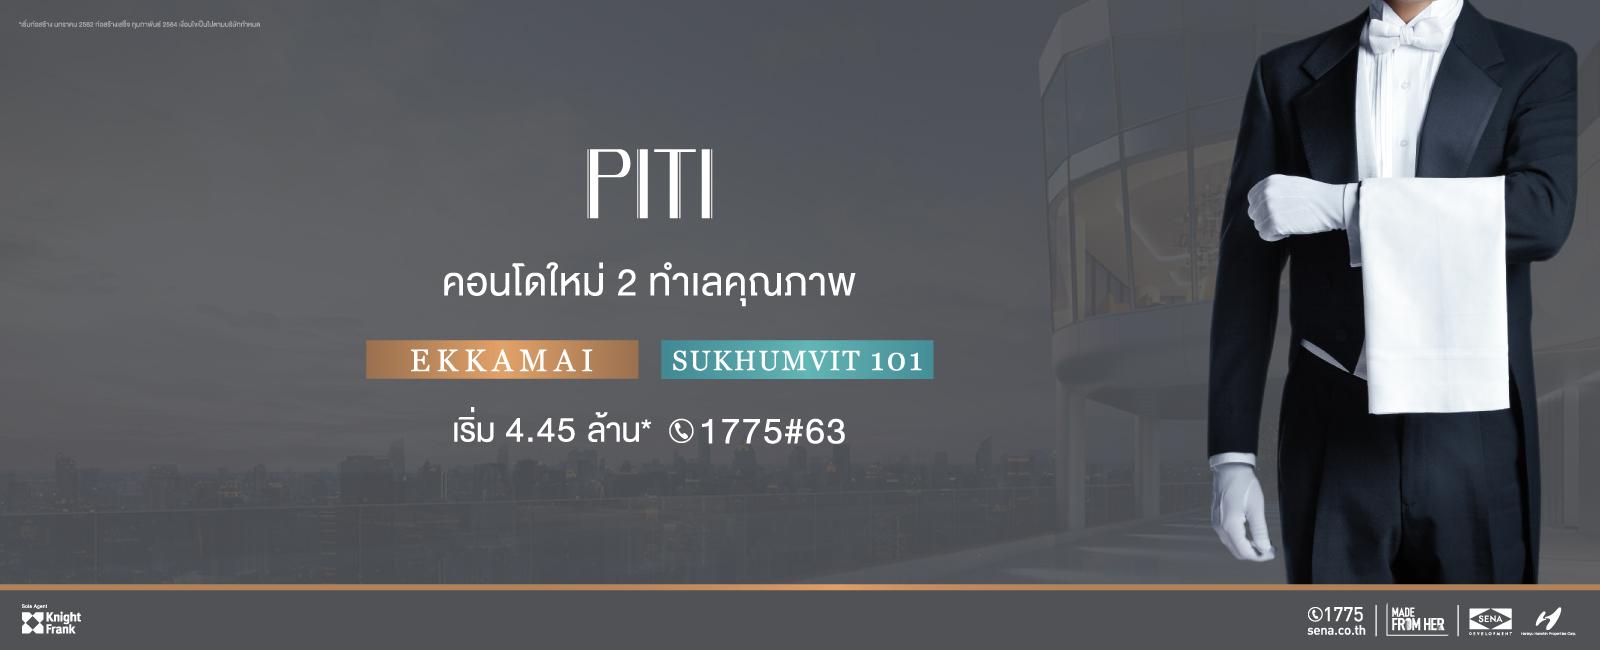 PITI ปีติ...ได้มากกว่า กับรูปแบบใหม่ของการใช้ชีวิต คอนโดใหม่ ทำเลคุณภาพ เริ่ม 4.45 ล้าน*